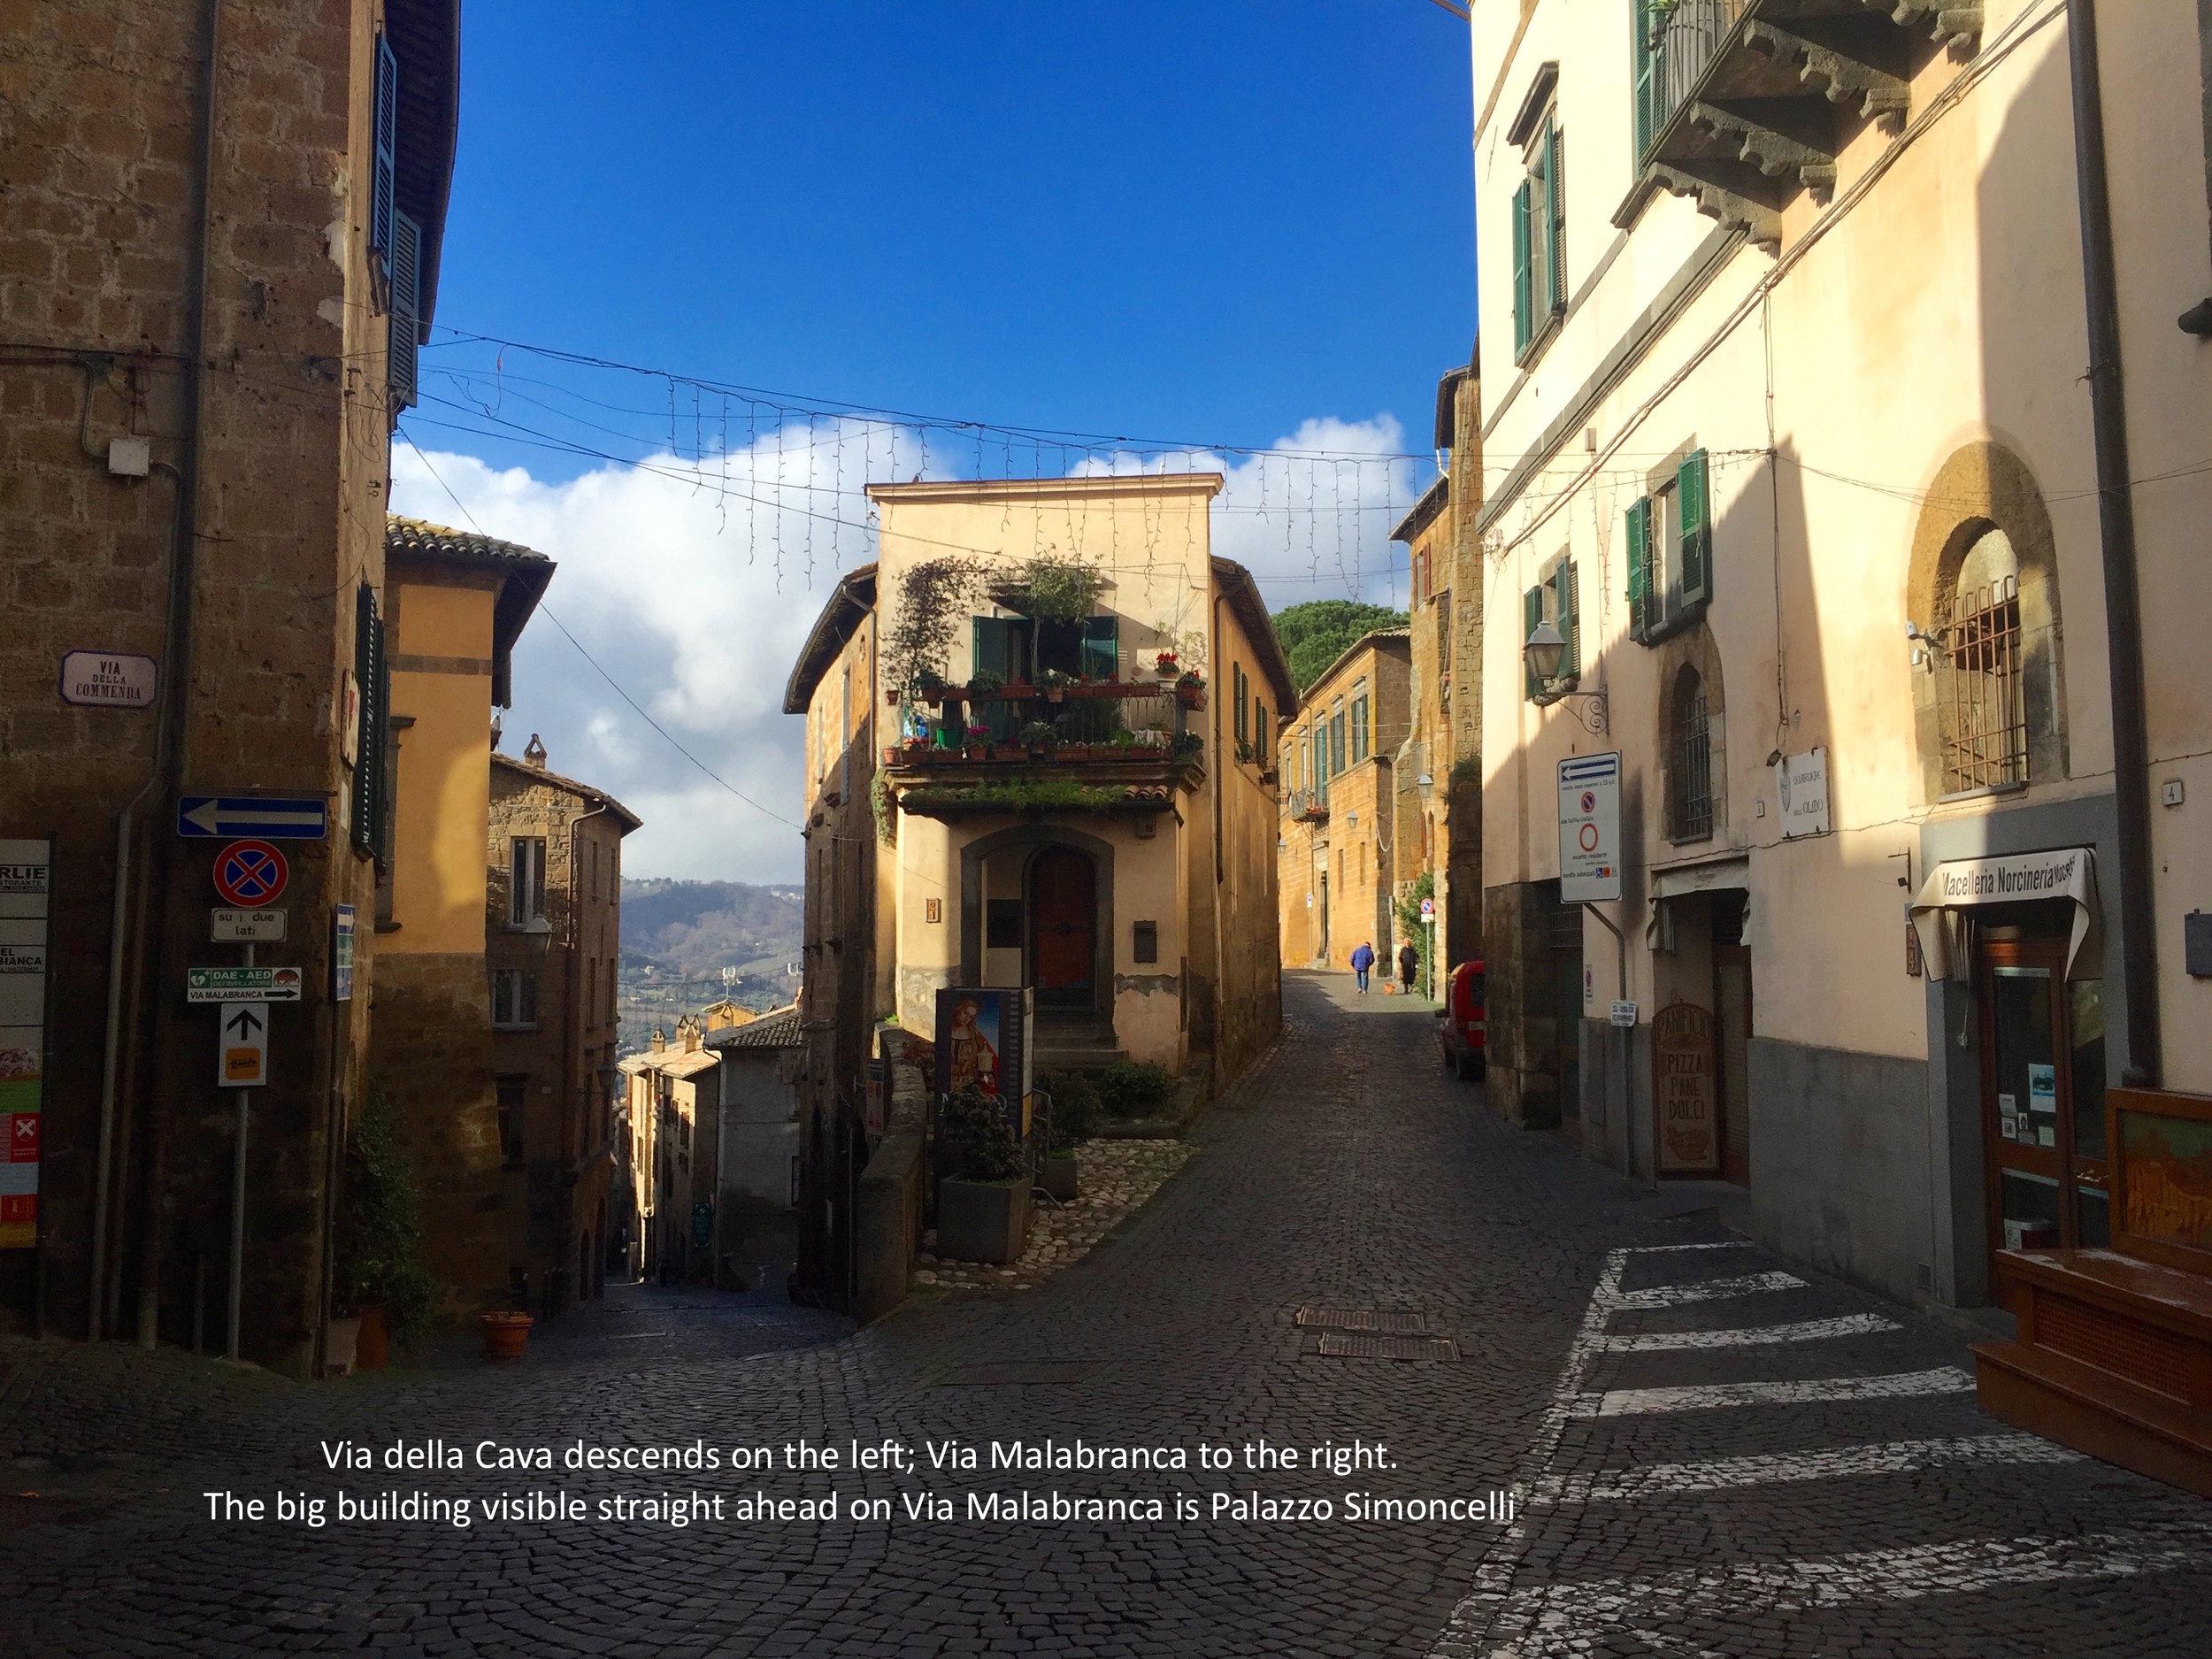 Via della Cava descends on the left to the Porta Maggiore. Via Malabranca is the right fork of the Y. Palazzo Simoncelli is the sun-lit building straight ahead on Via Malabranca.